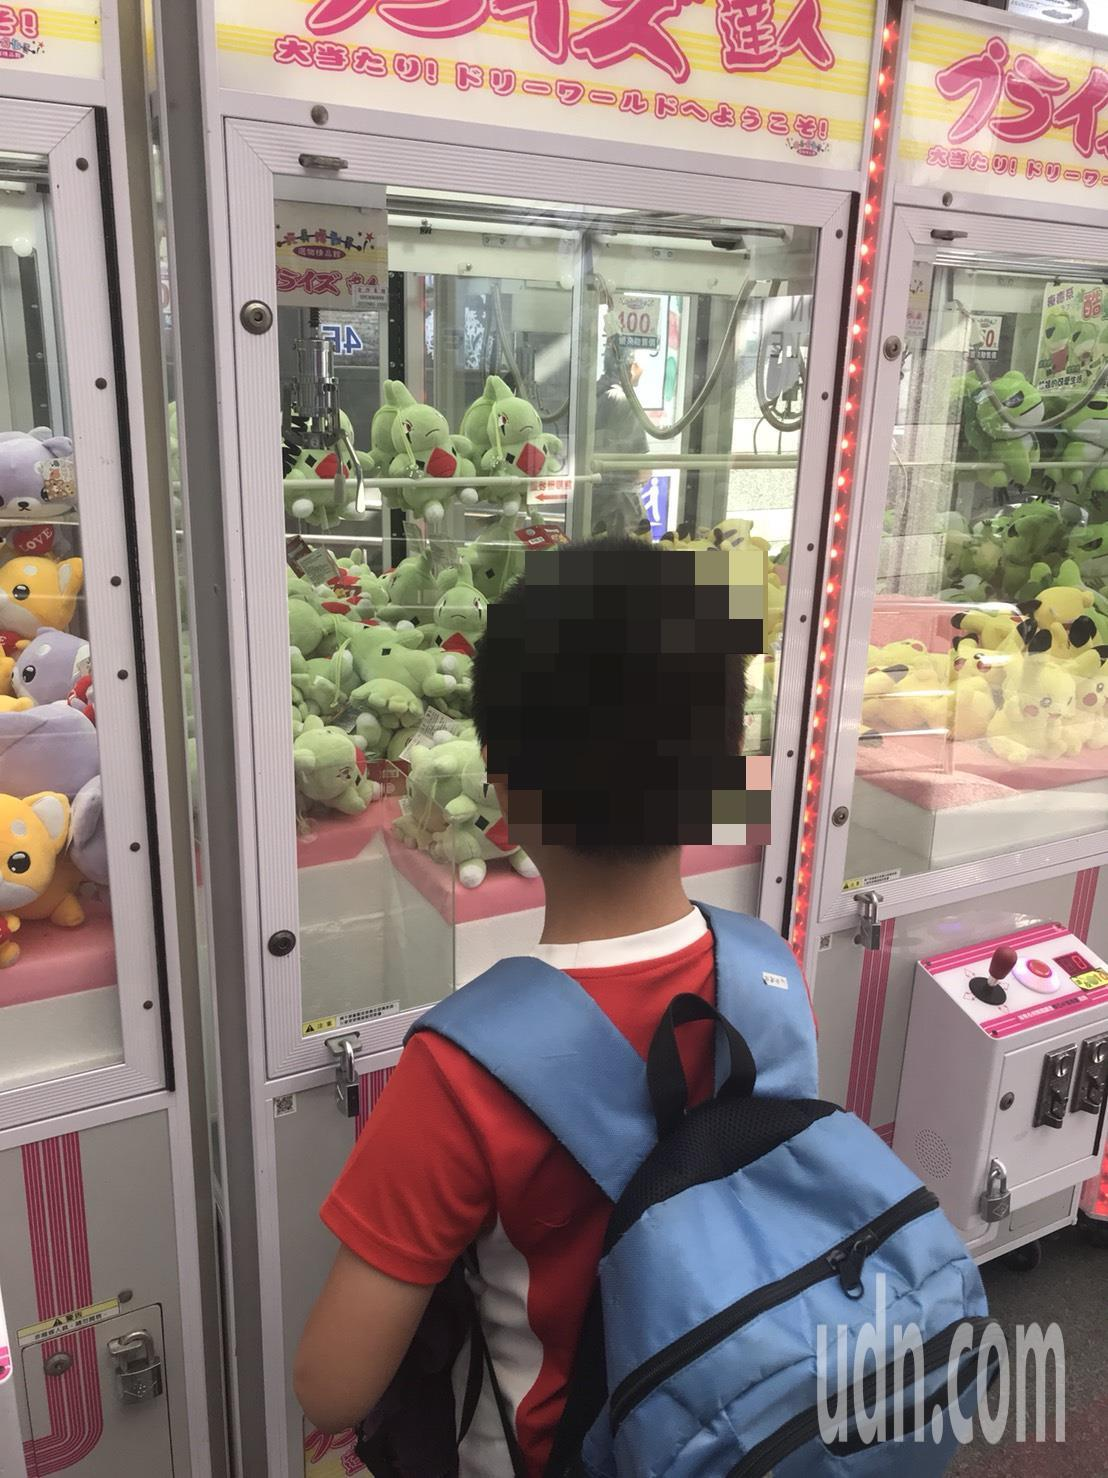 夾娃娃機誘惑大,除娃娃外,有18禁、摸彩券、遊戲機等,學童很容易受引誘,家長要特...